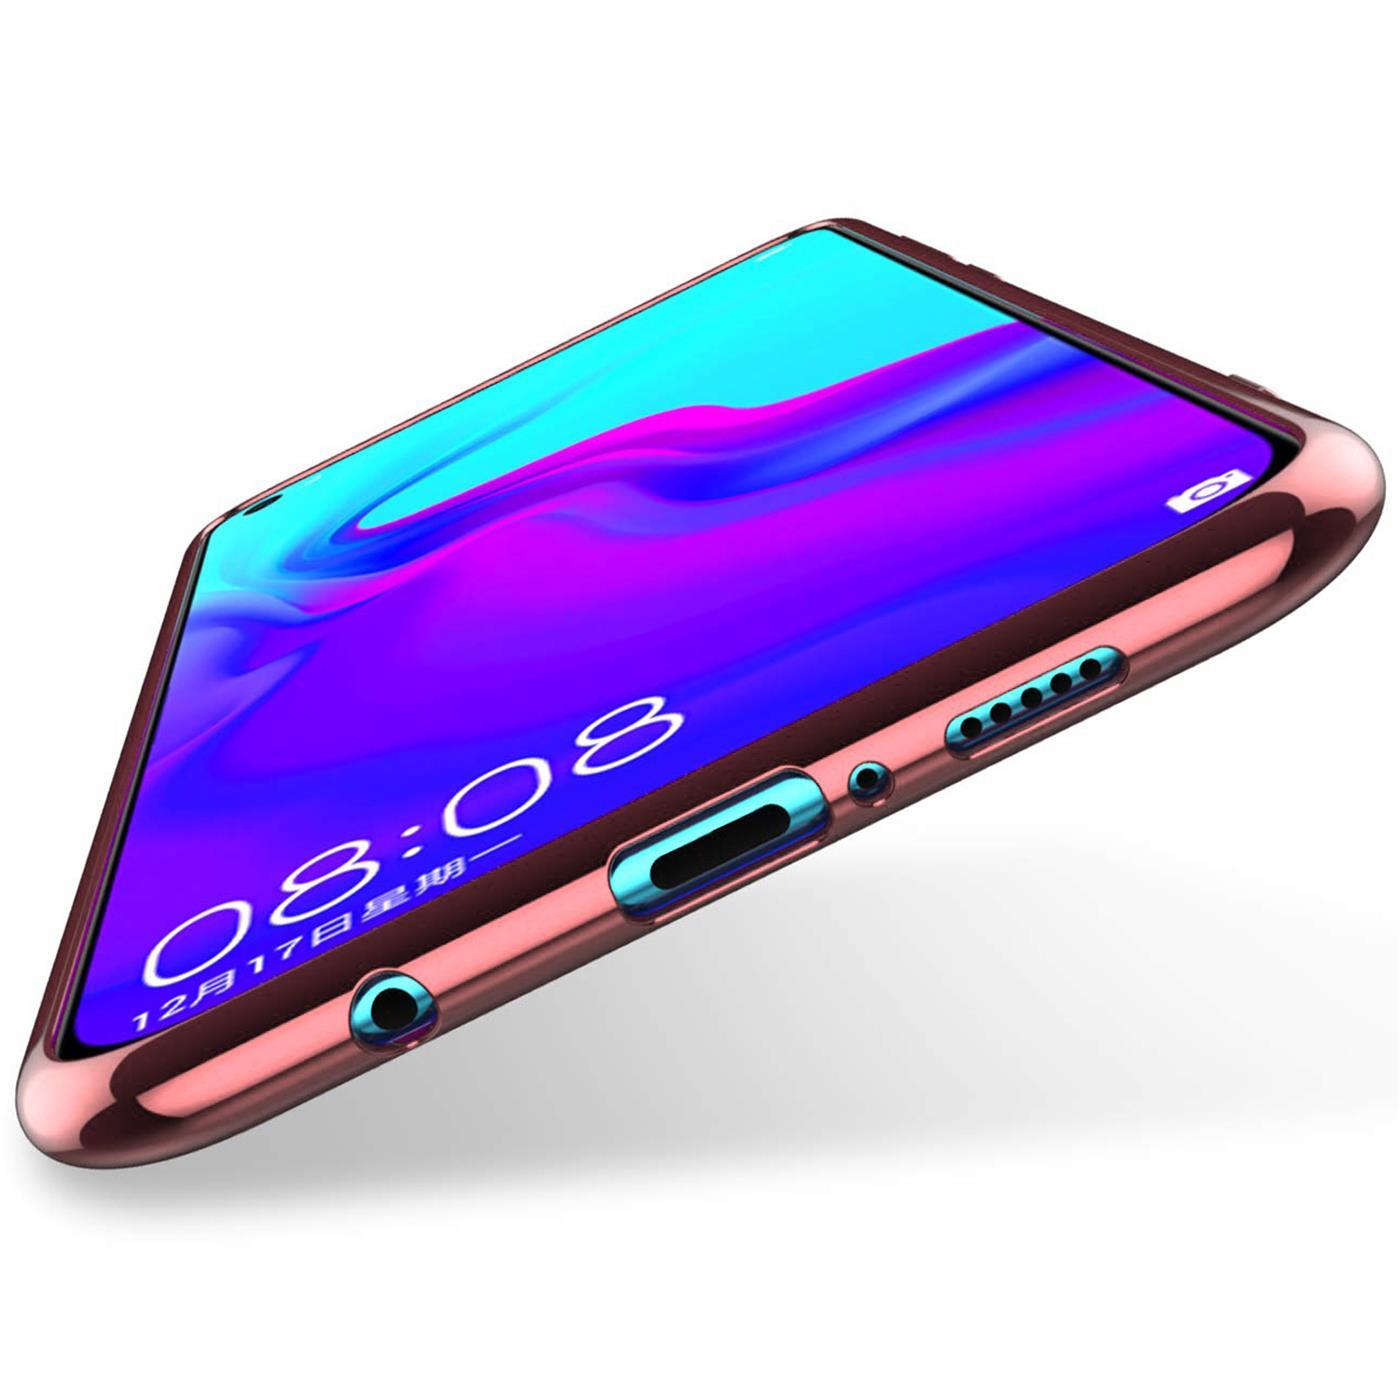 Schutzhuelle-Huawei-P30-P30-Lite-P30-Pro-Handy-Tasche-Slim-Cover-Case-Transparent Indexbild 29